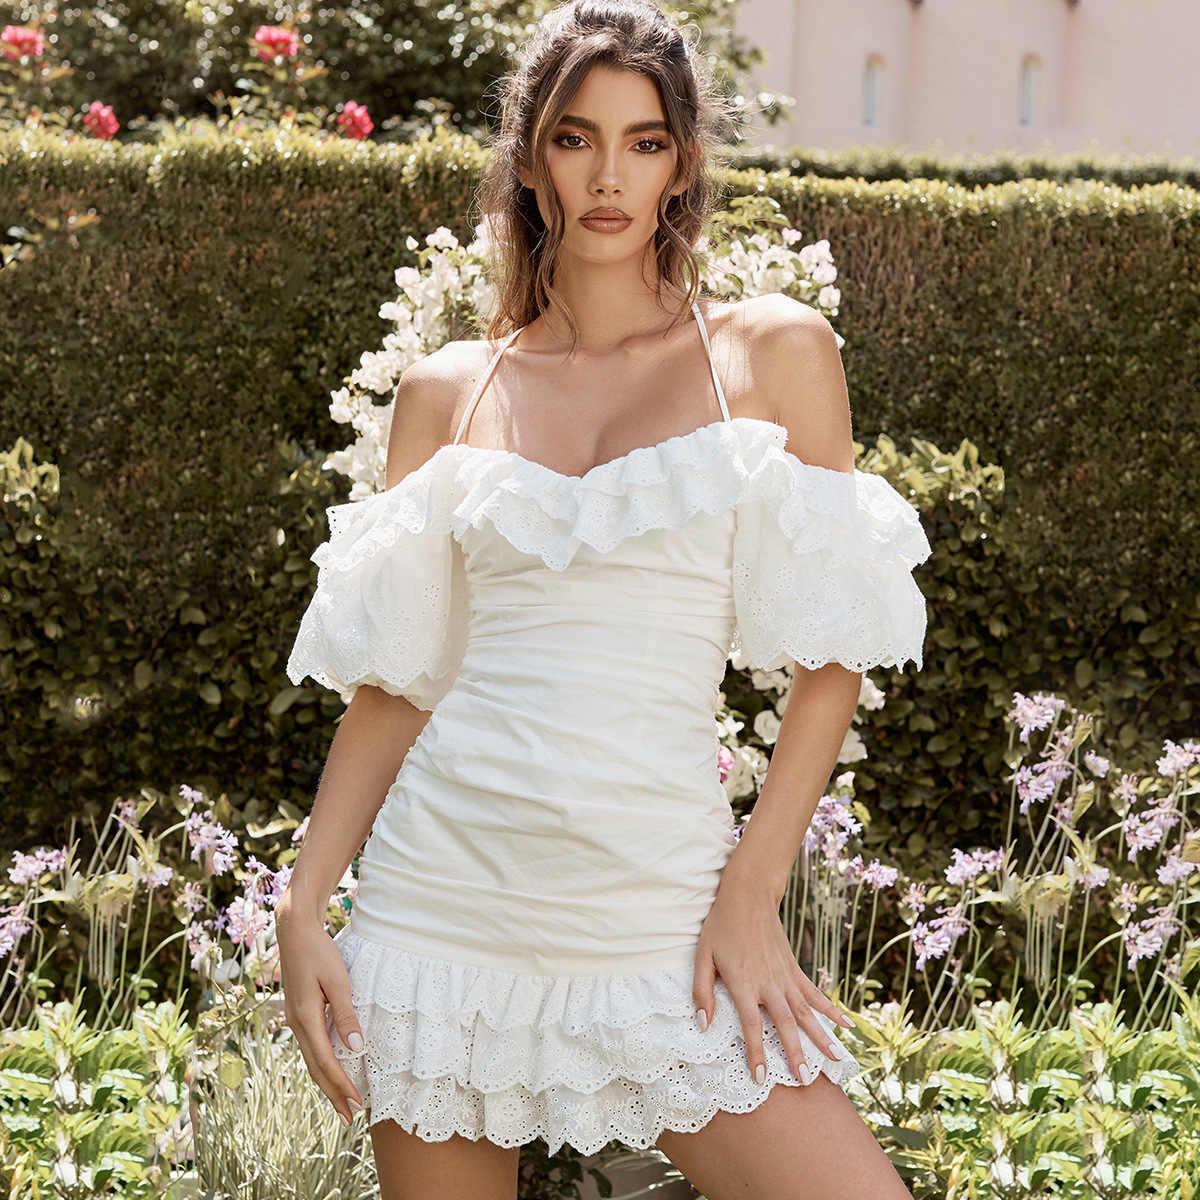 ชุดกระโปรงฤดูร้อนผู้หญิงเซ็กซี่ชุด 2019 กลับข้ามผ้าพันแผล Backless Ruffle Mini ชุดชายหาด Vestidos